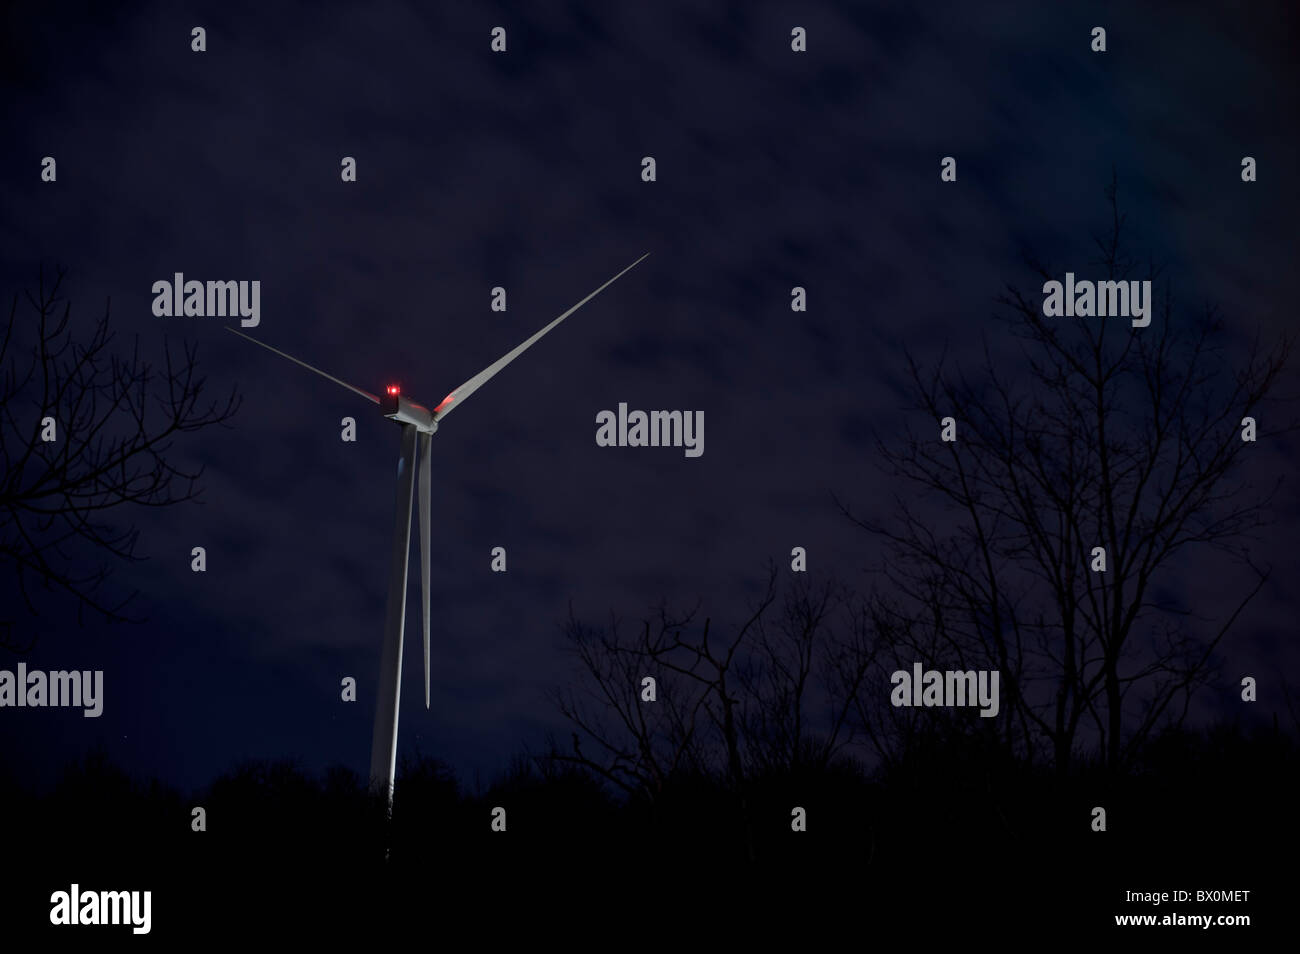 L'énergie éolienne Turbine Moulin de nuit avec des étoiles Photo Stock